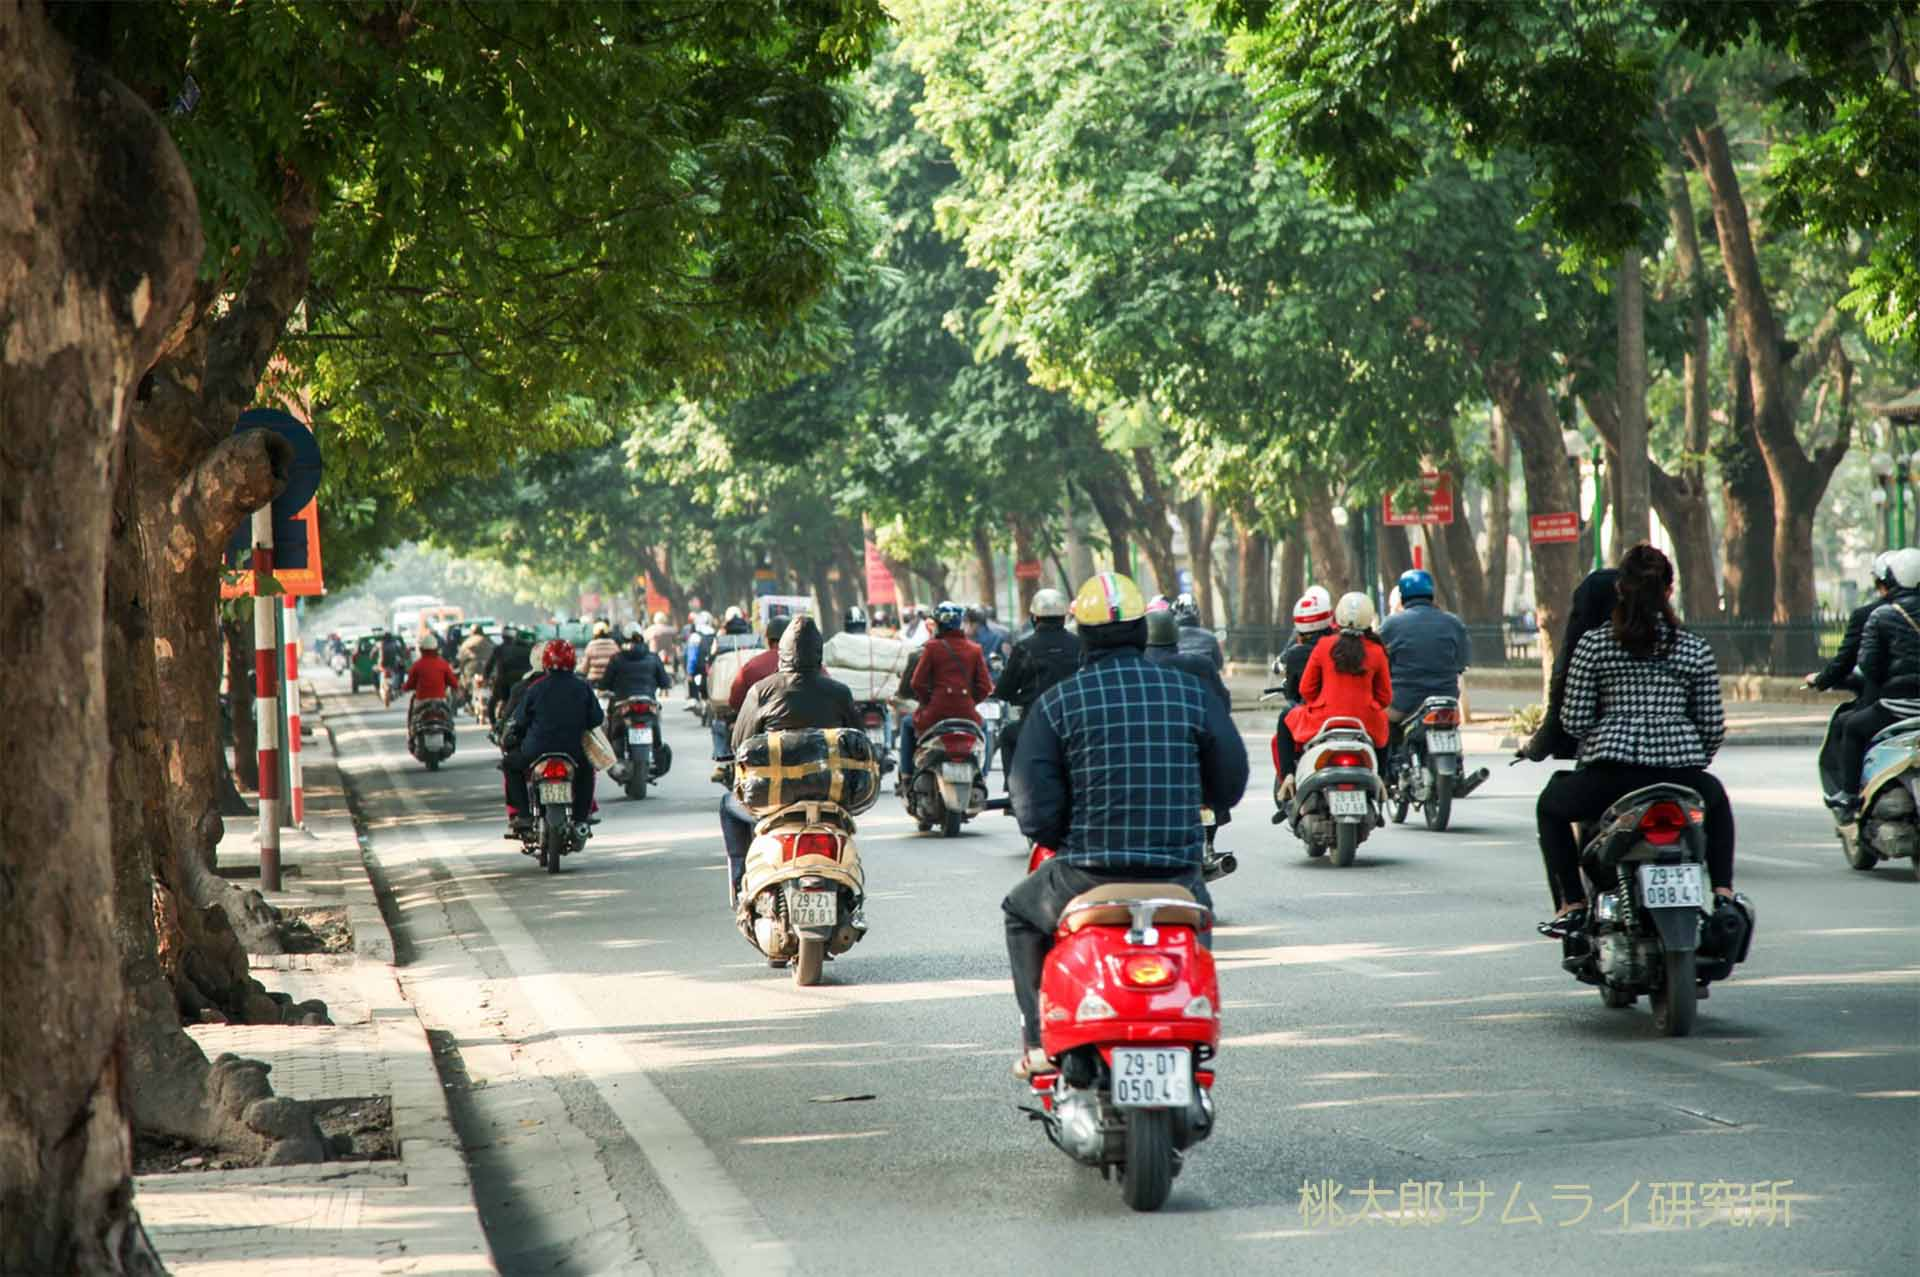 バイクの免許取得への道